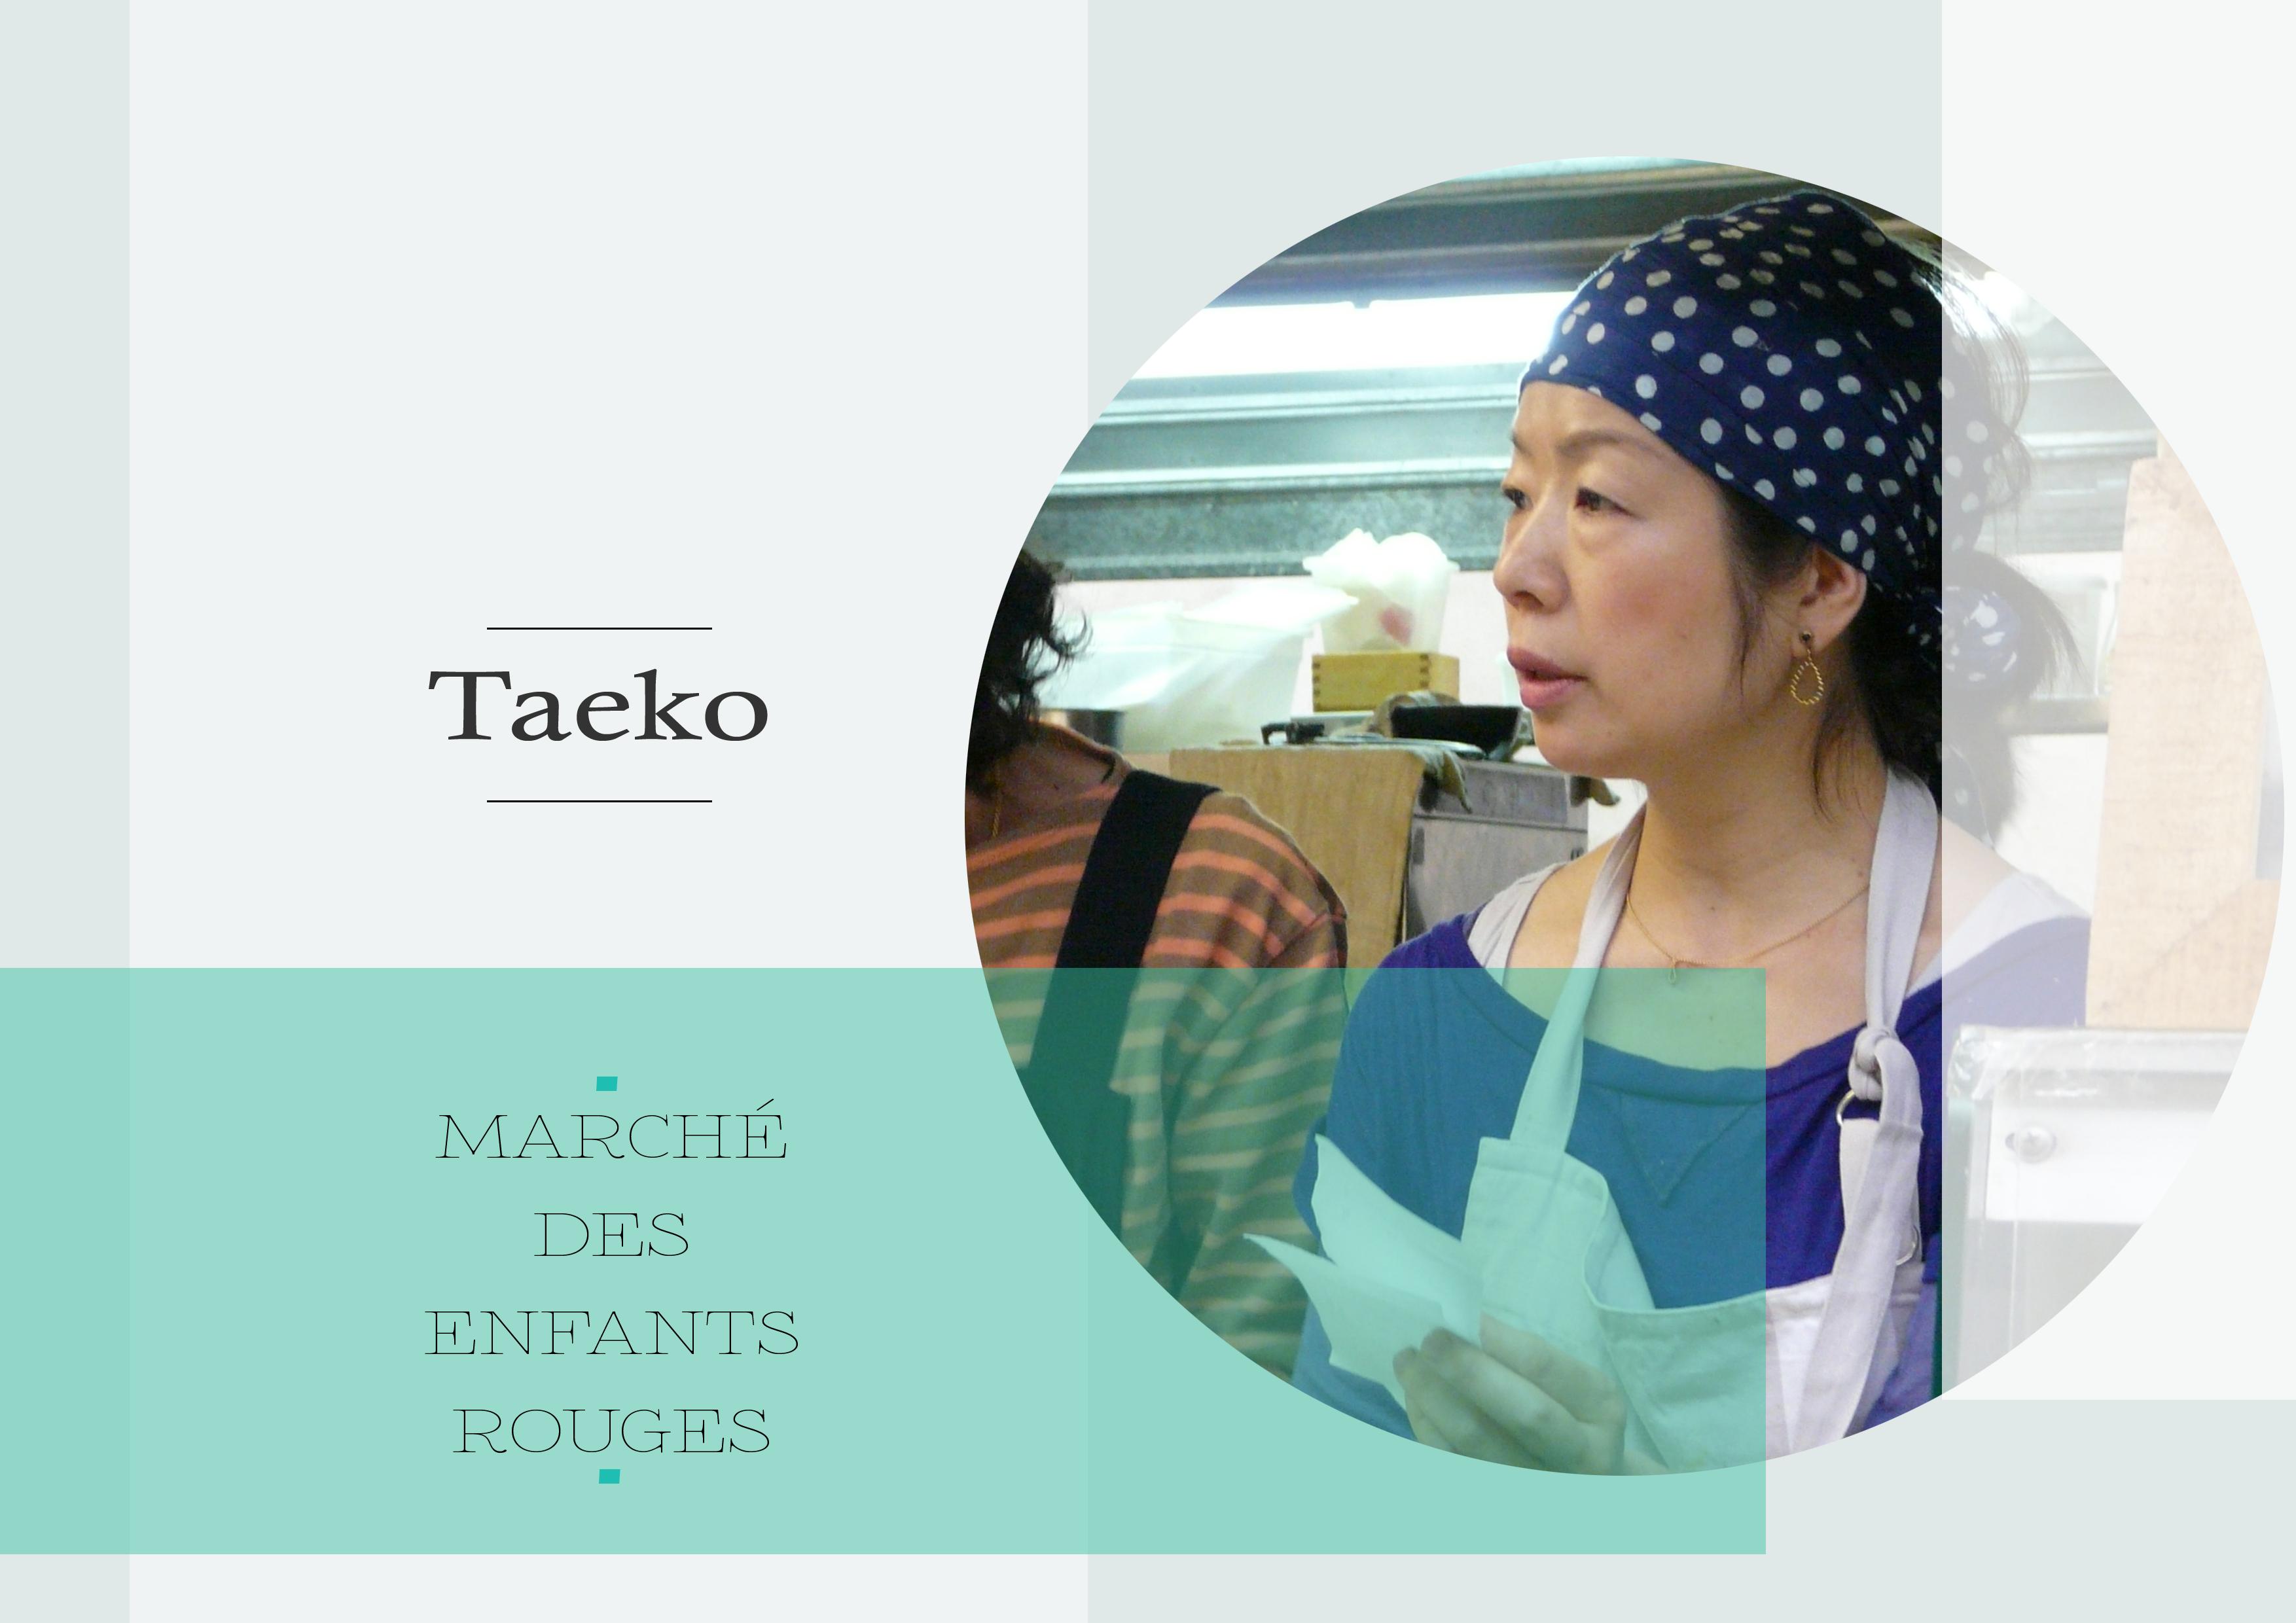 japonais-taeko-marche-des-enfants-rouges-by-le-polyedre_1